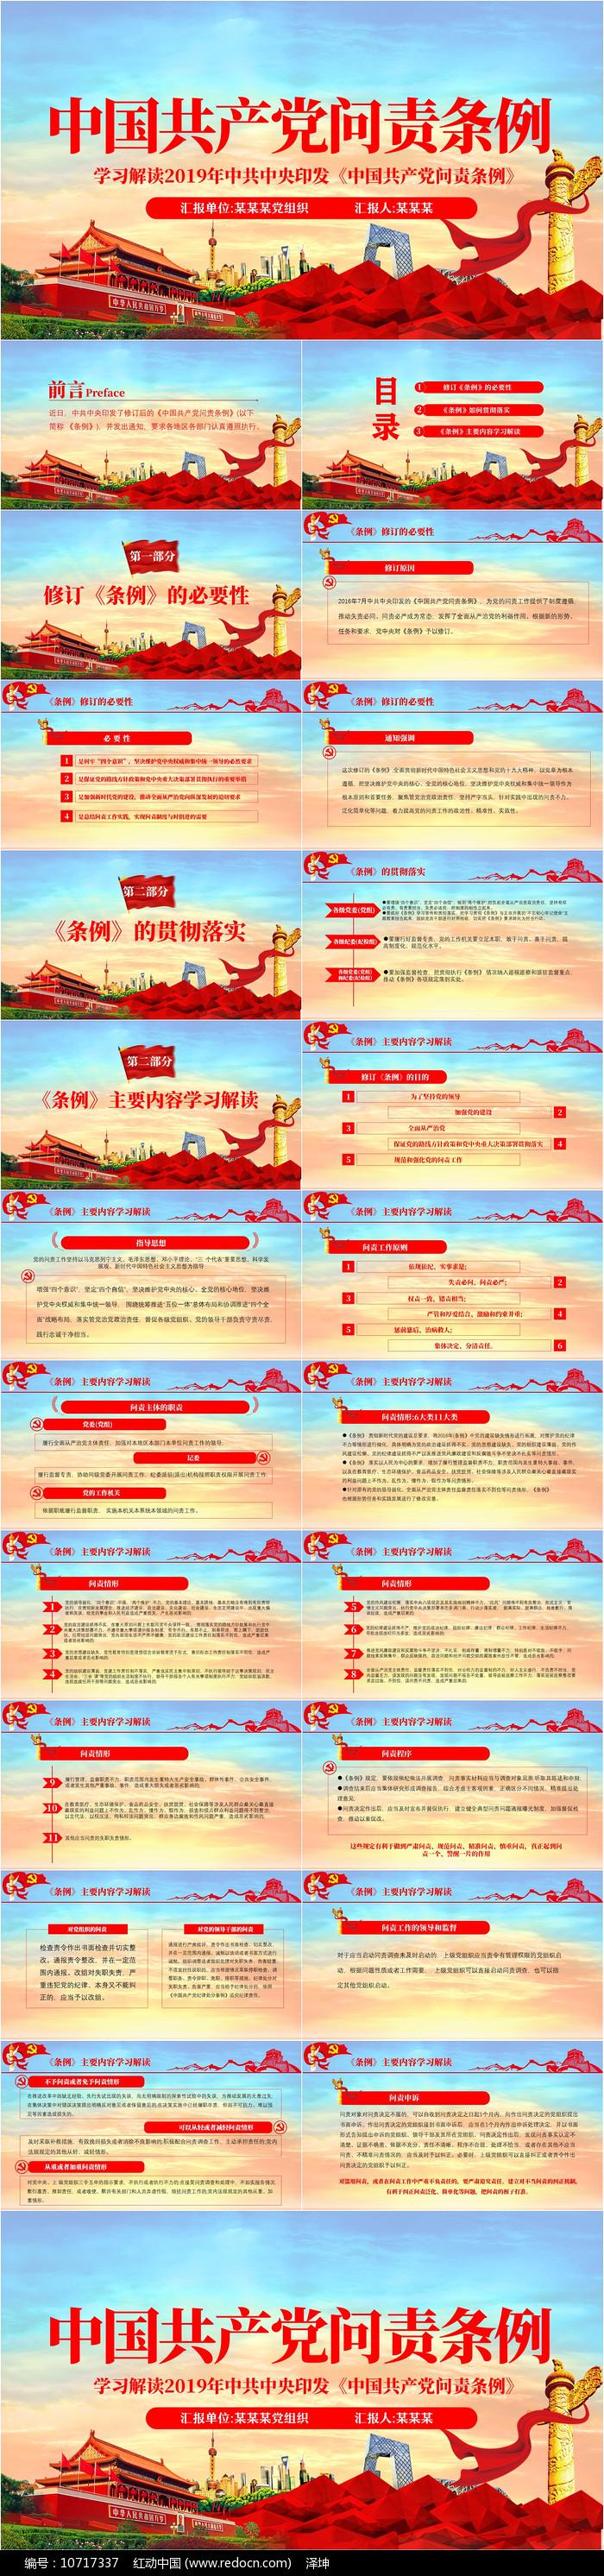 中国共产党问责条例学习解读PPT图片